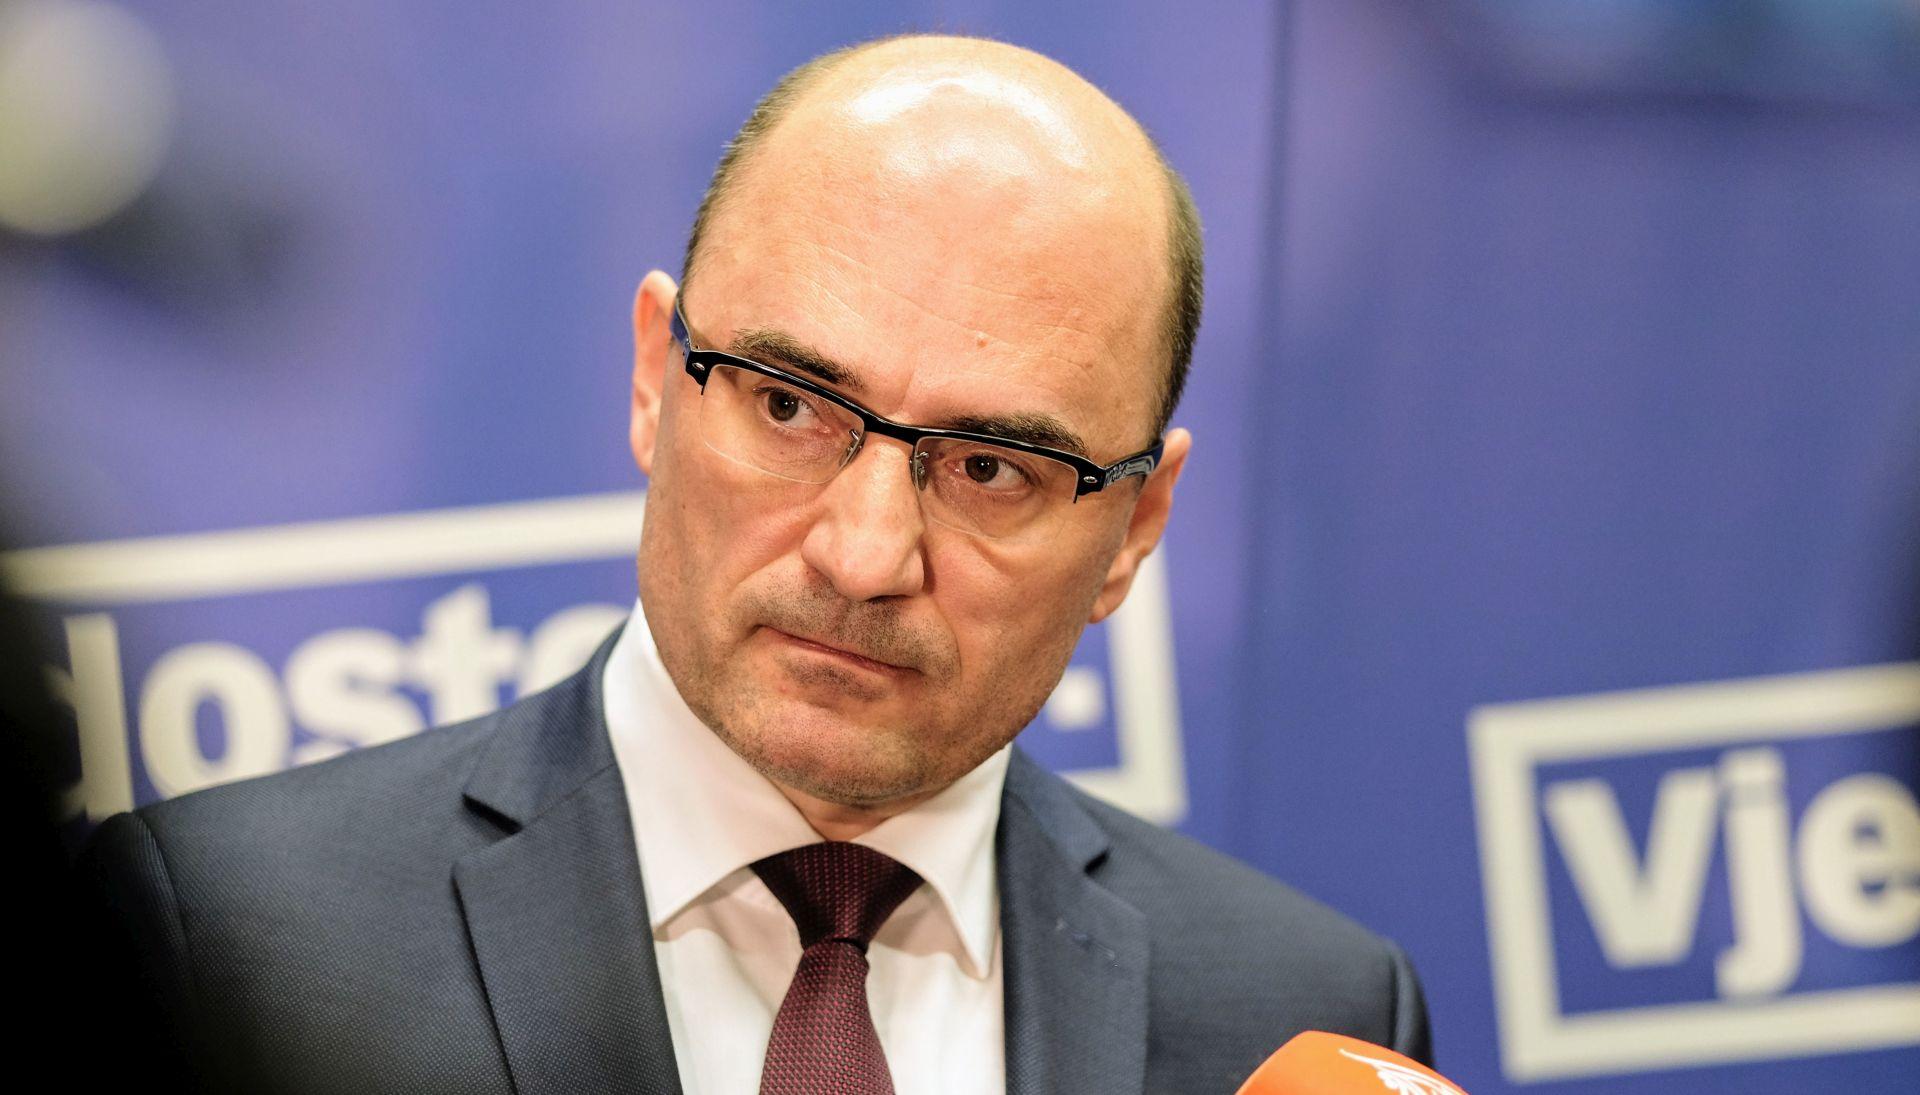 """BRKIĆ """"Opet svjedočimo srpskoj propagandi o tzv. """"građanskom ratu"""", ali istina je samo jedna"""""""